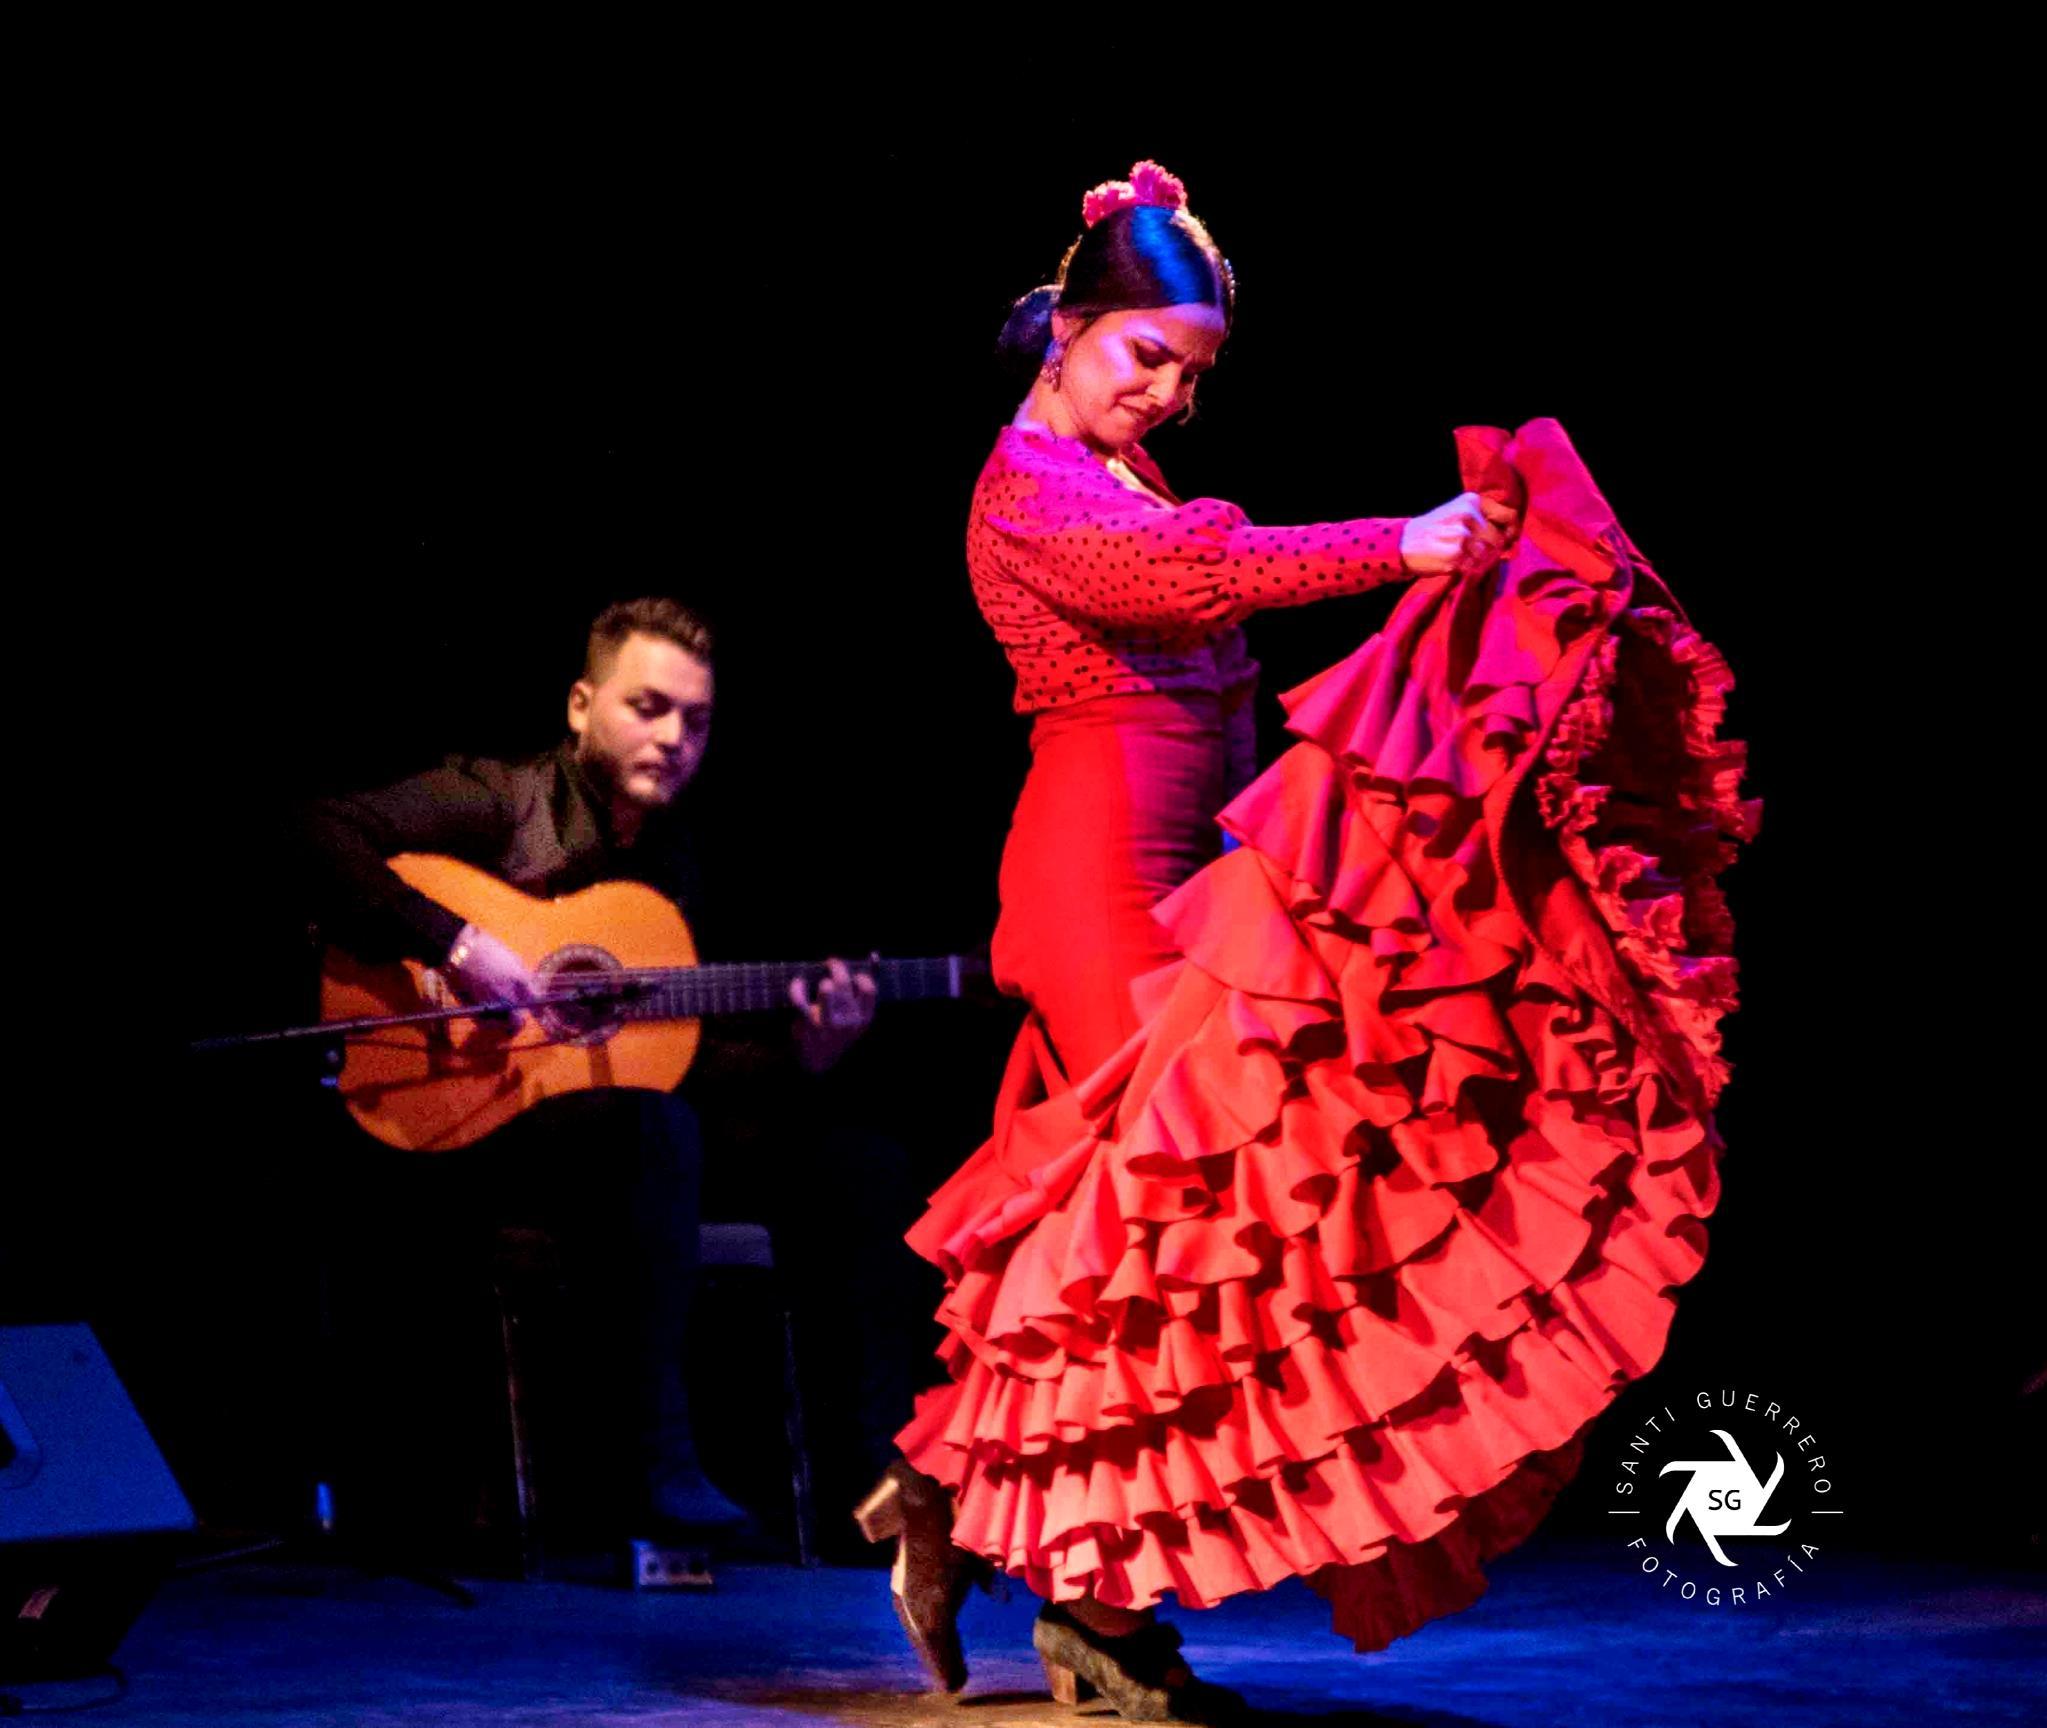 Espectáculo de Flamenco en el Teatro de Barcelona